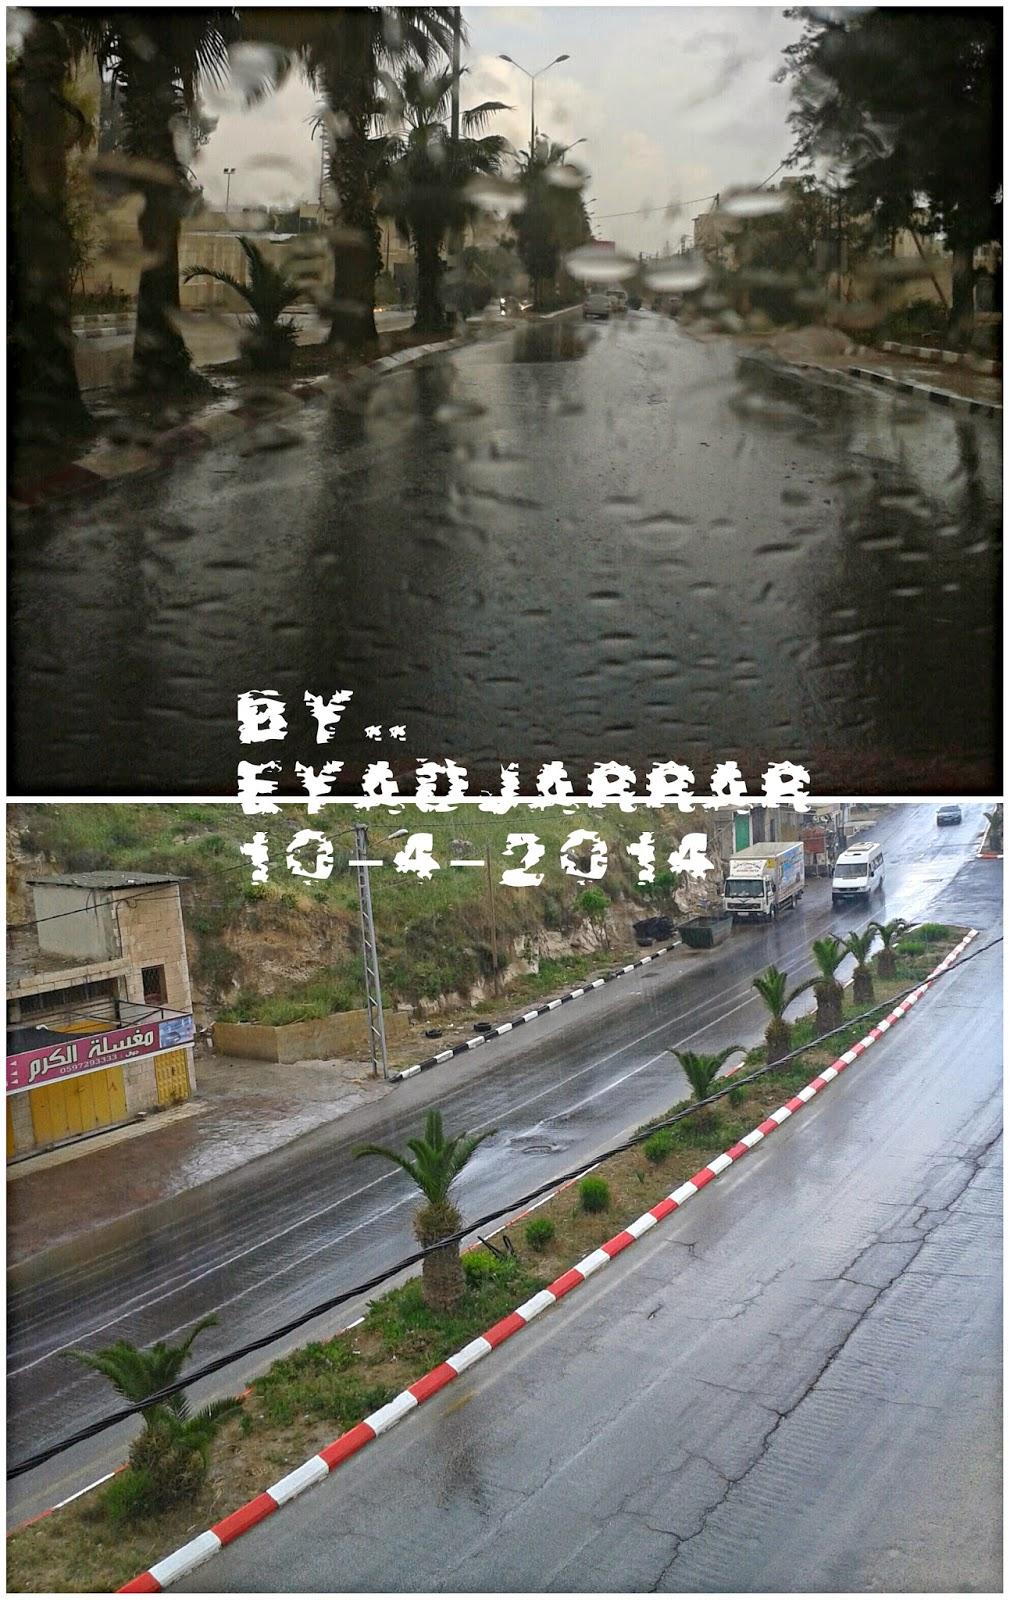 جنين اليوم Jenin today .. أمطار خير .. 10.4.2014